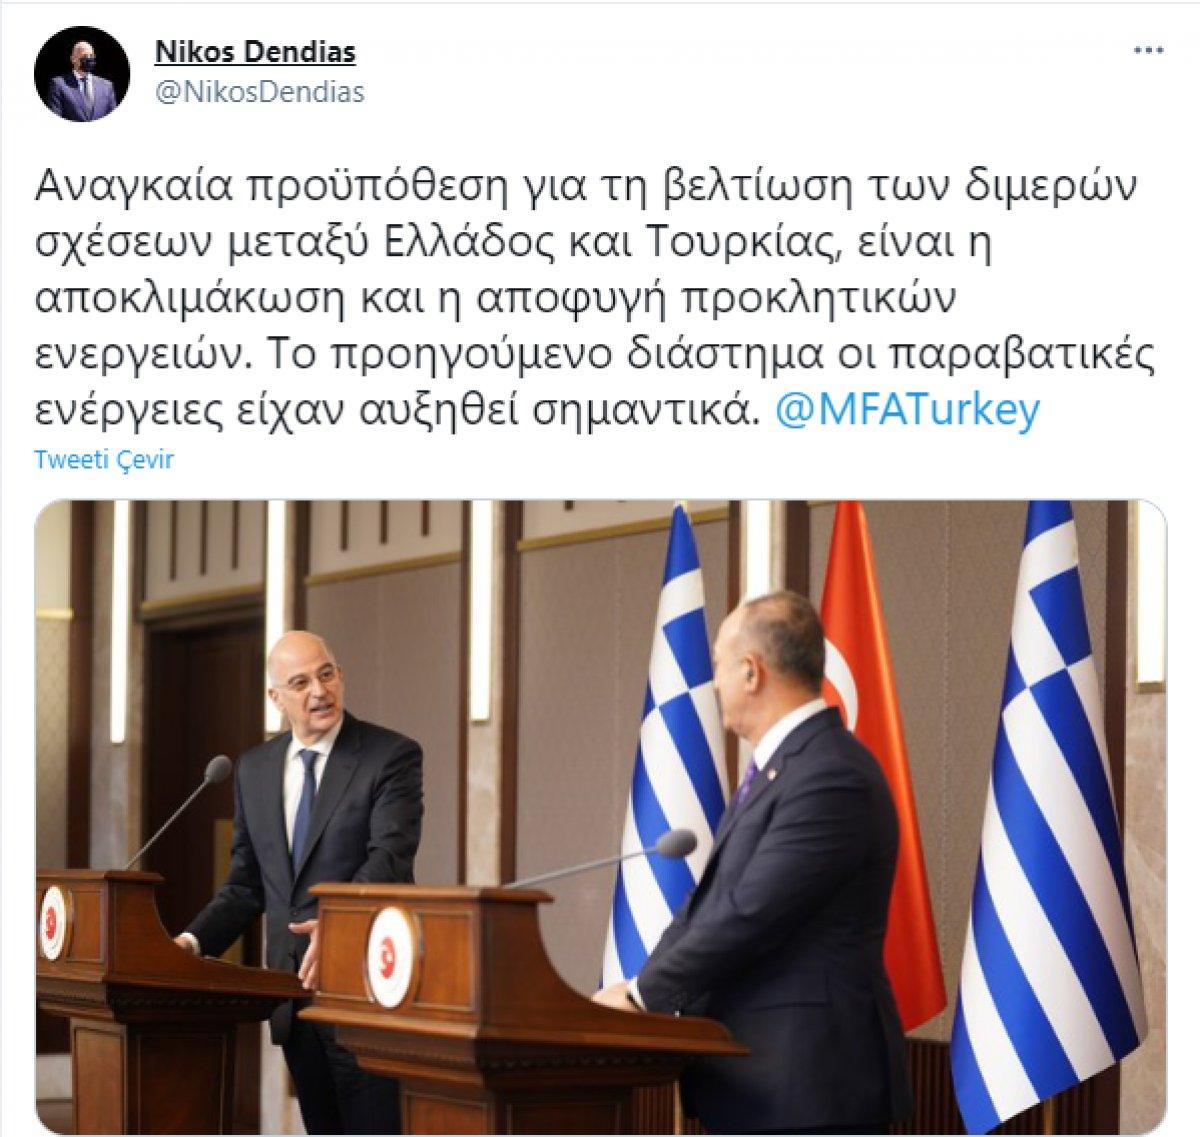 Mevlüt Çavuşoğlu ndan azar yiyen Dendias ın Twitter açıklamaları #1